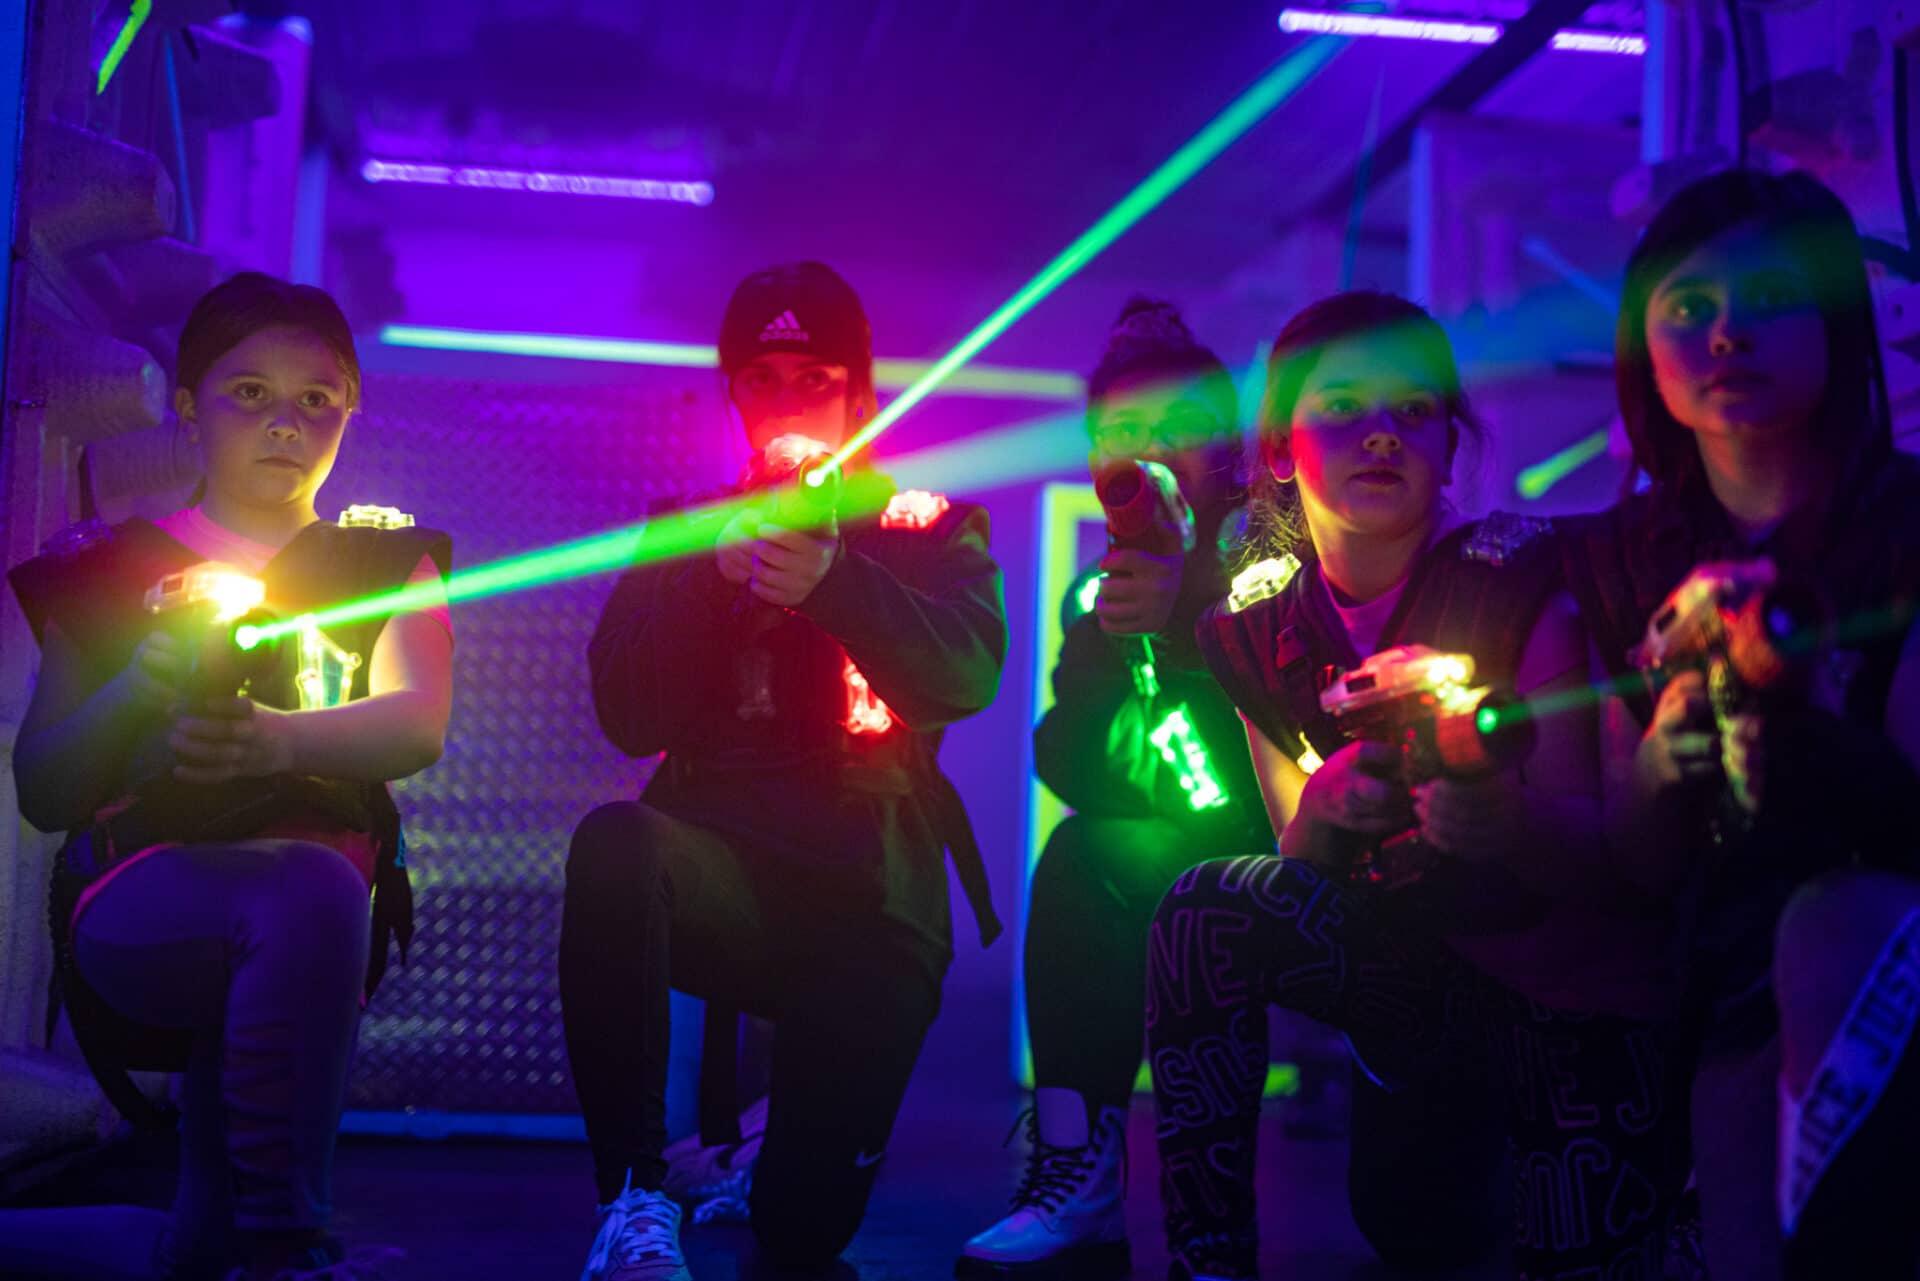 laser tag in kenosha, kenosha laser tag, family fun in kenosha